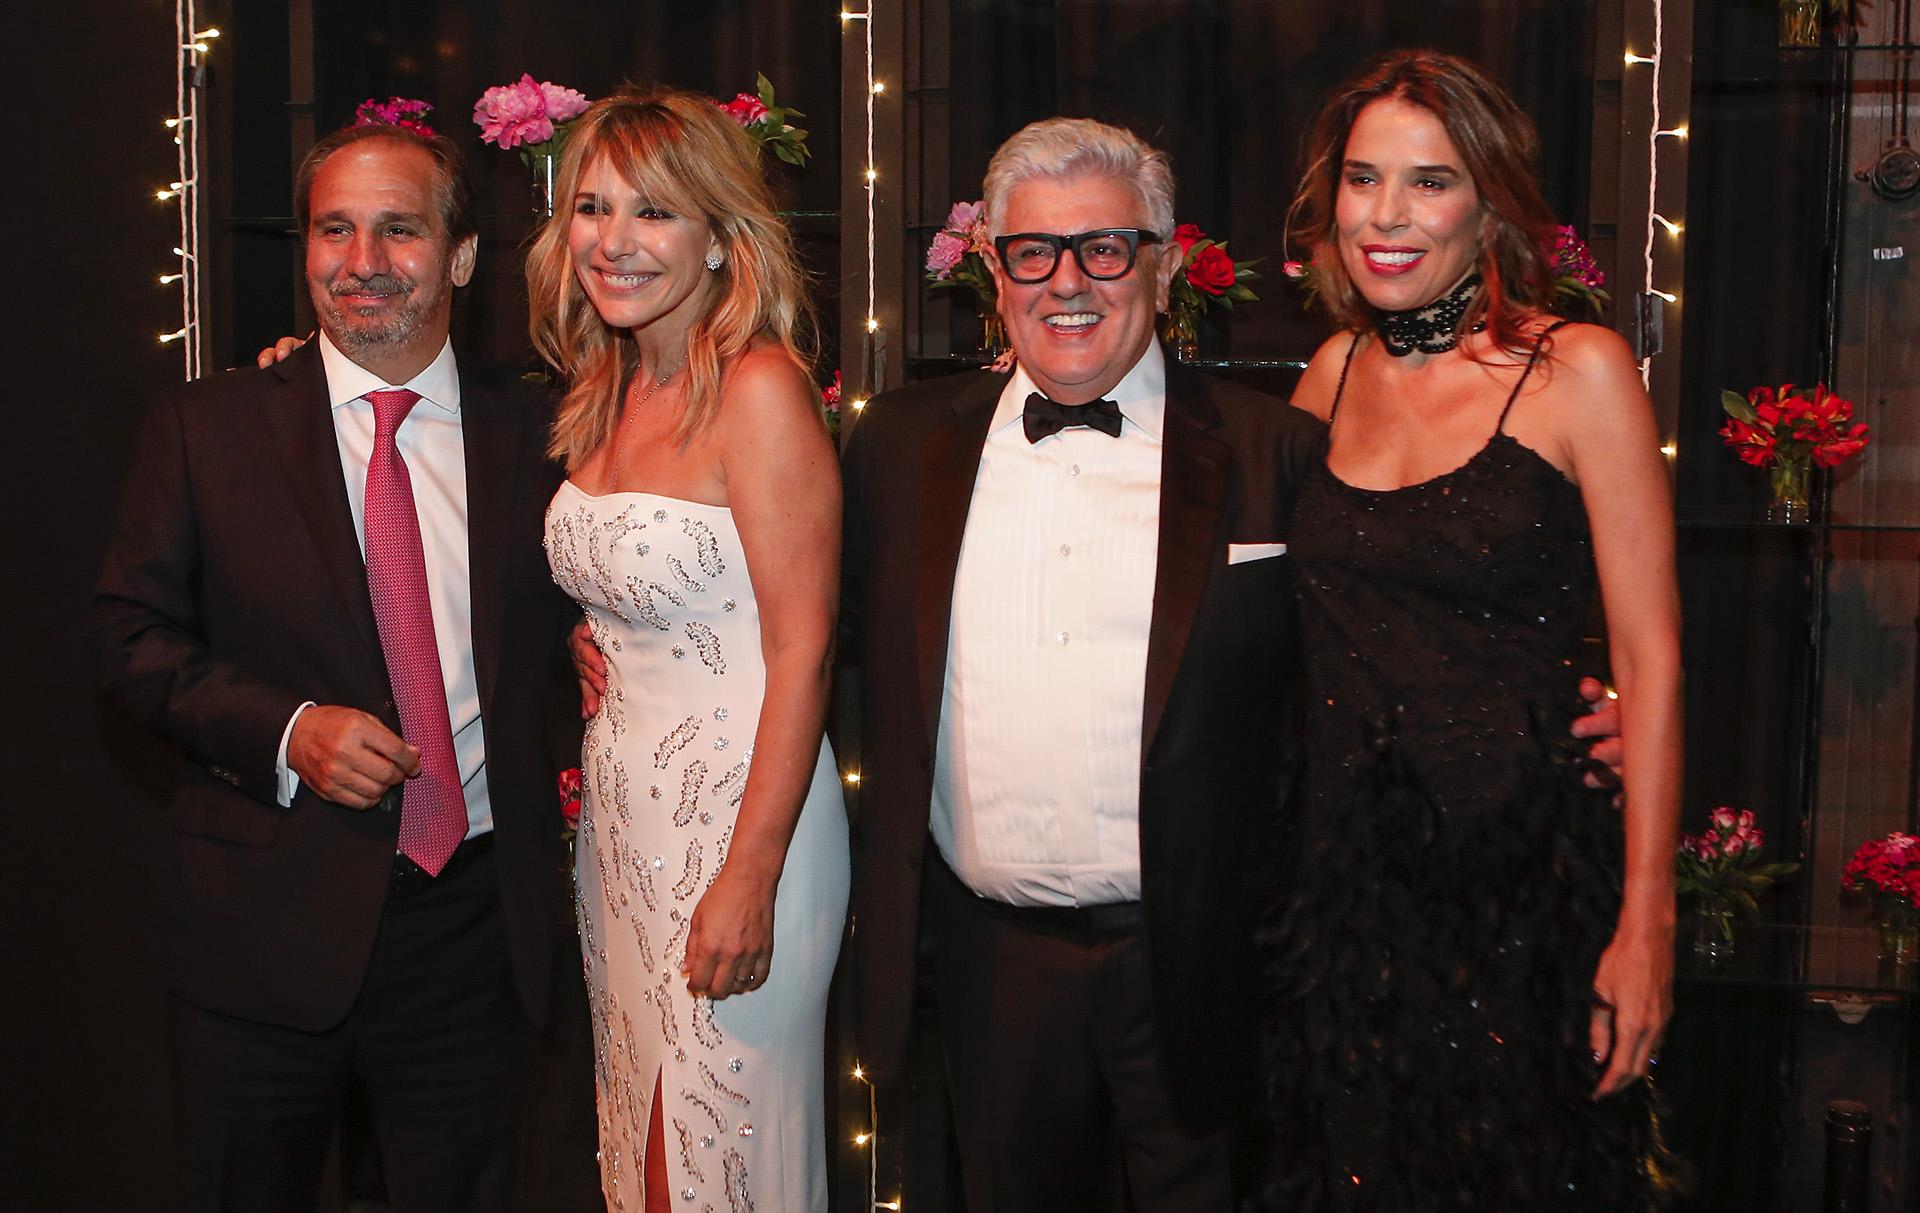 El empresario Nicolás Caputo y su esposa, Agustina Lhez, junto a Carlos Gorosito y Grace Ratto